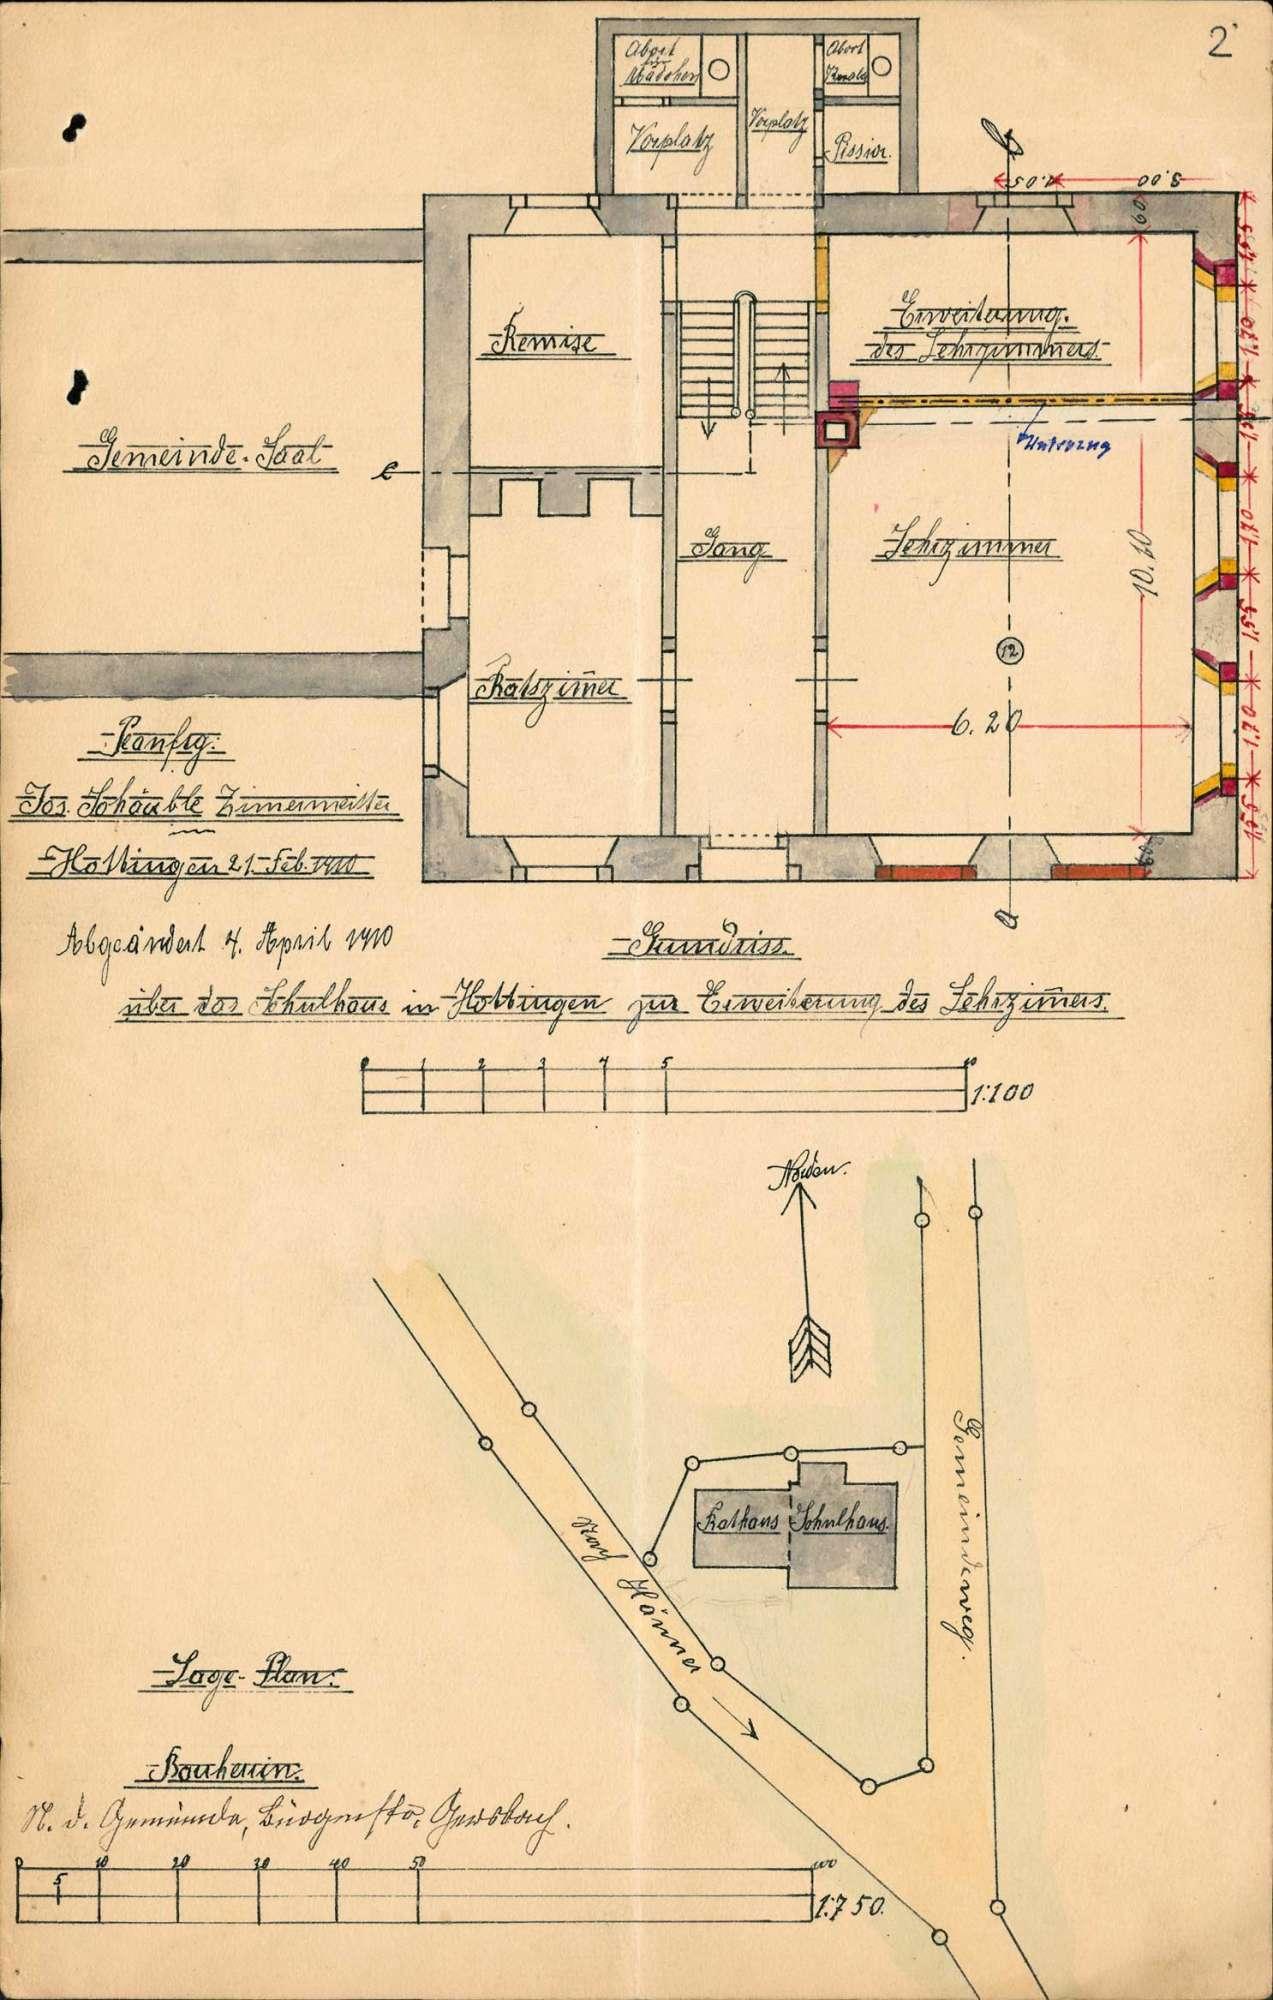 Bau und Unterhaltung des Schulhauses der Gemeinde Hottingen, Bild 2